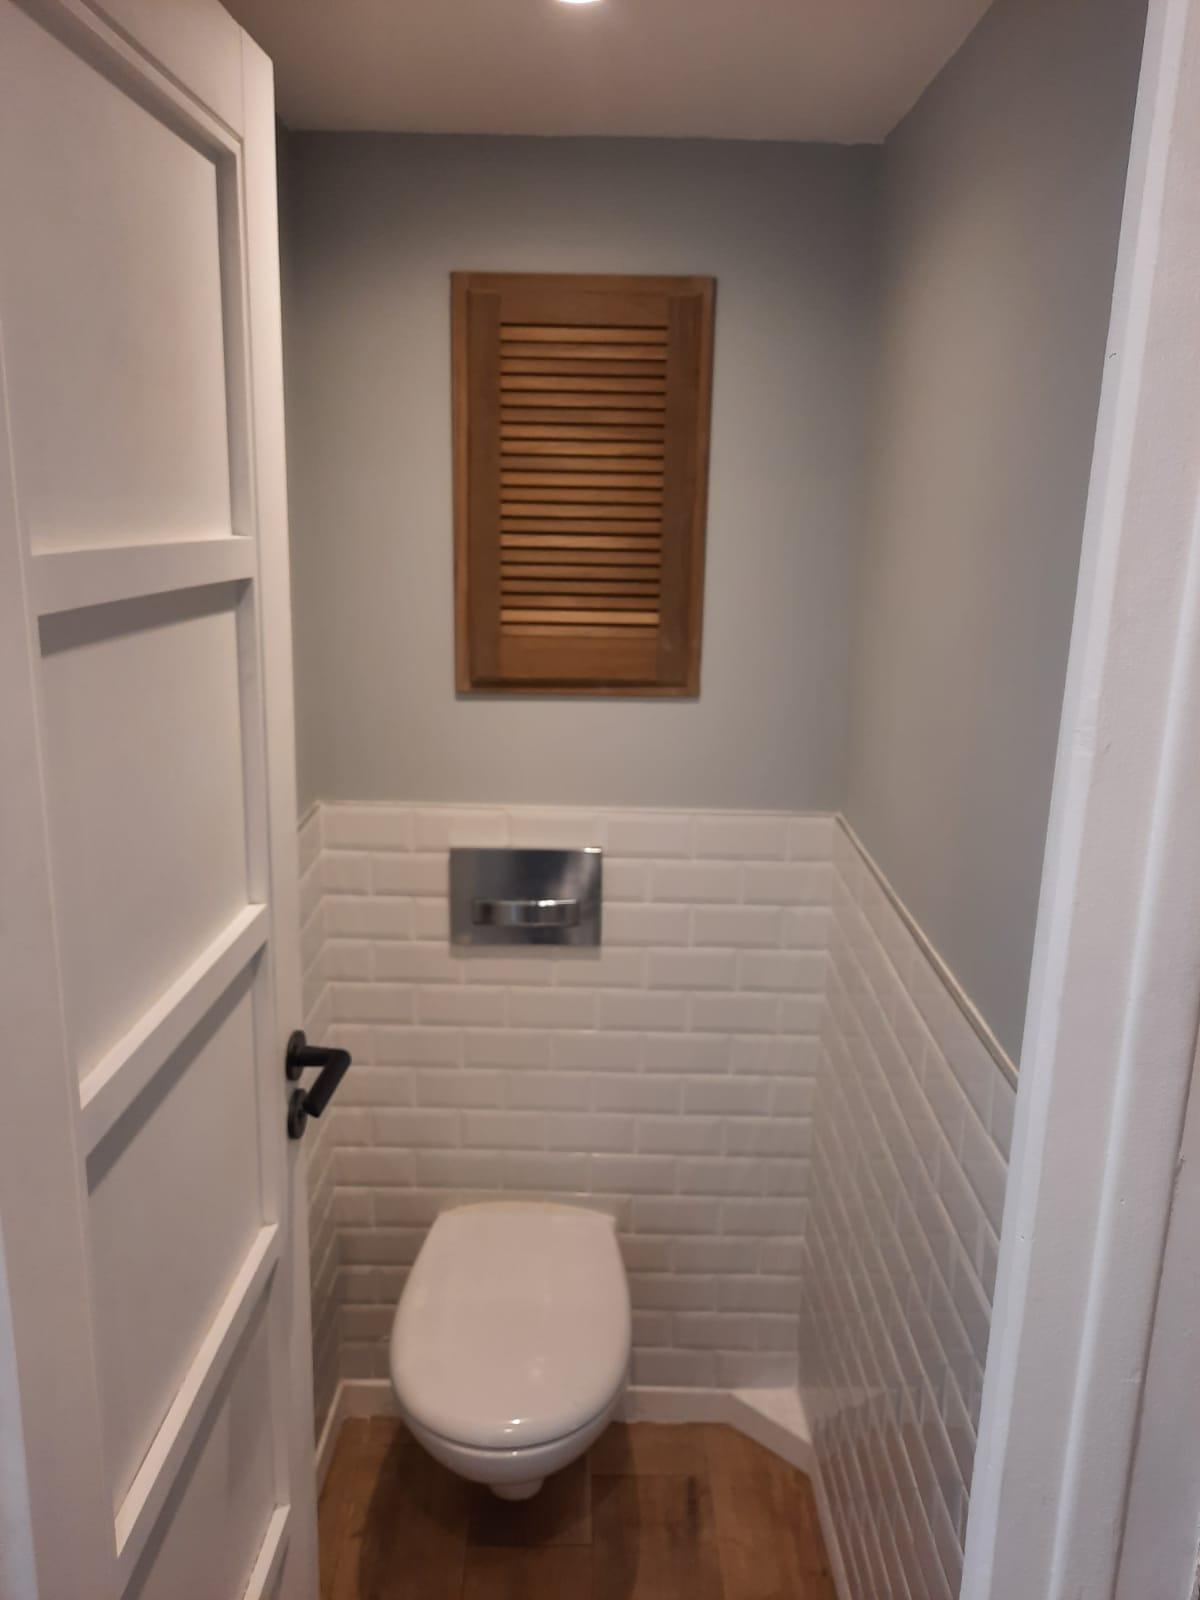 Rénovation WC - Carrelage - etagère encastré - peinture